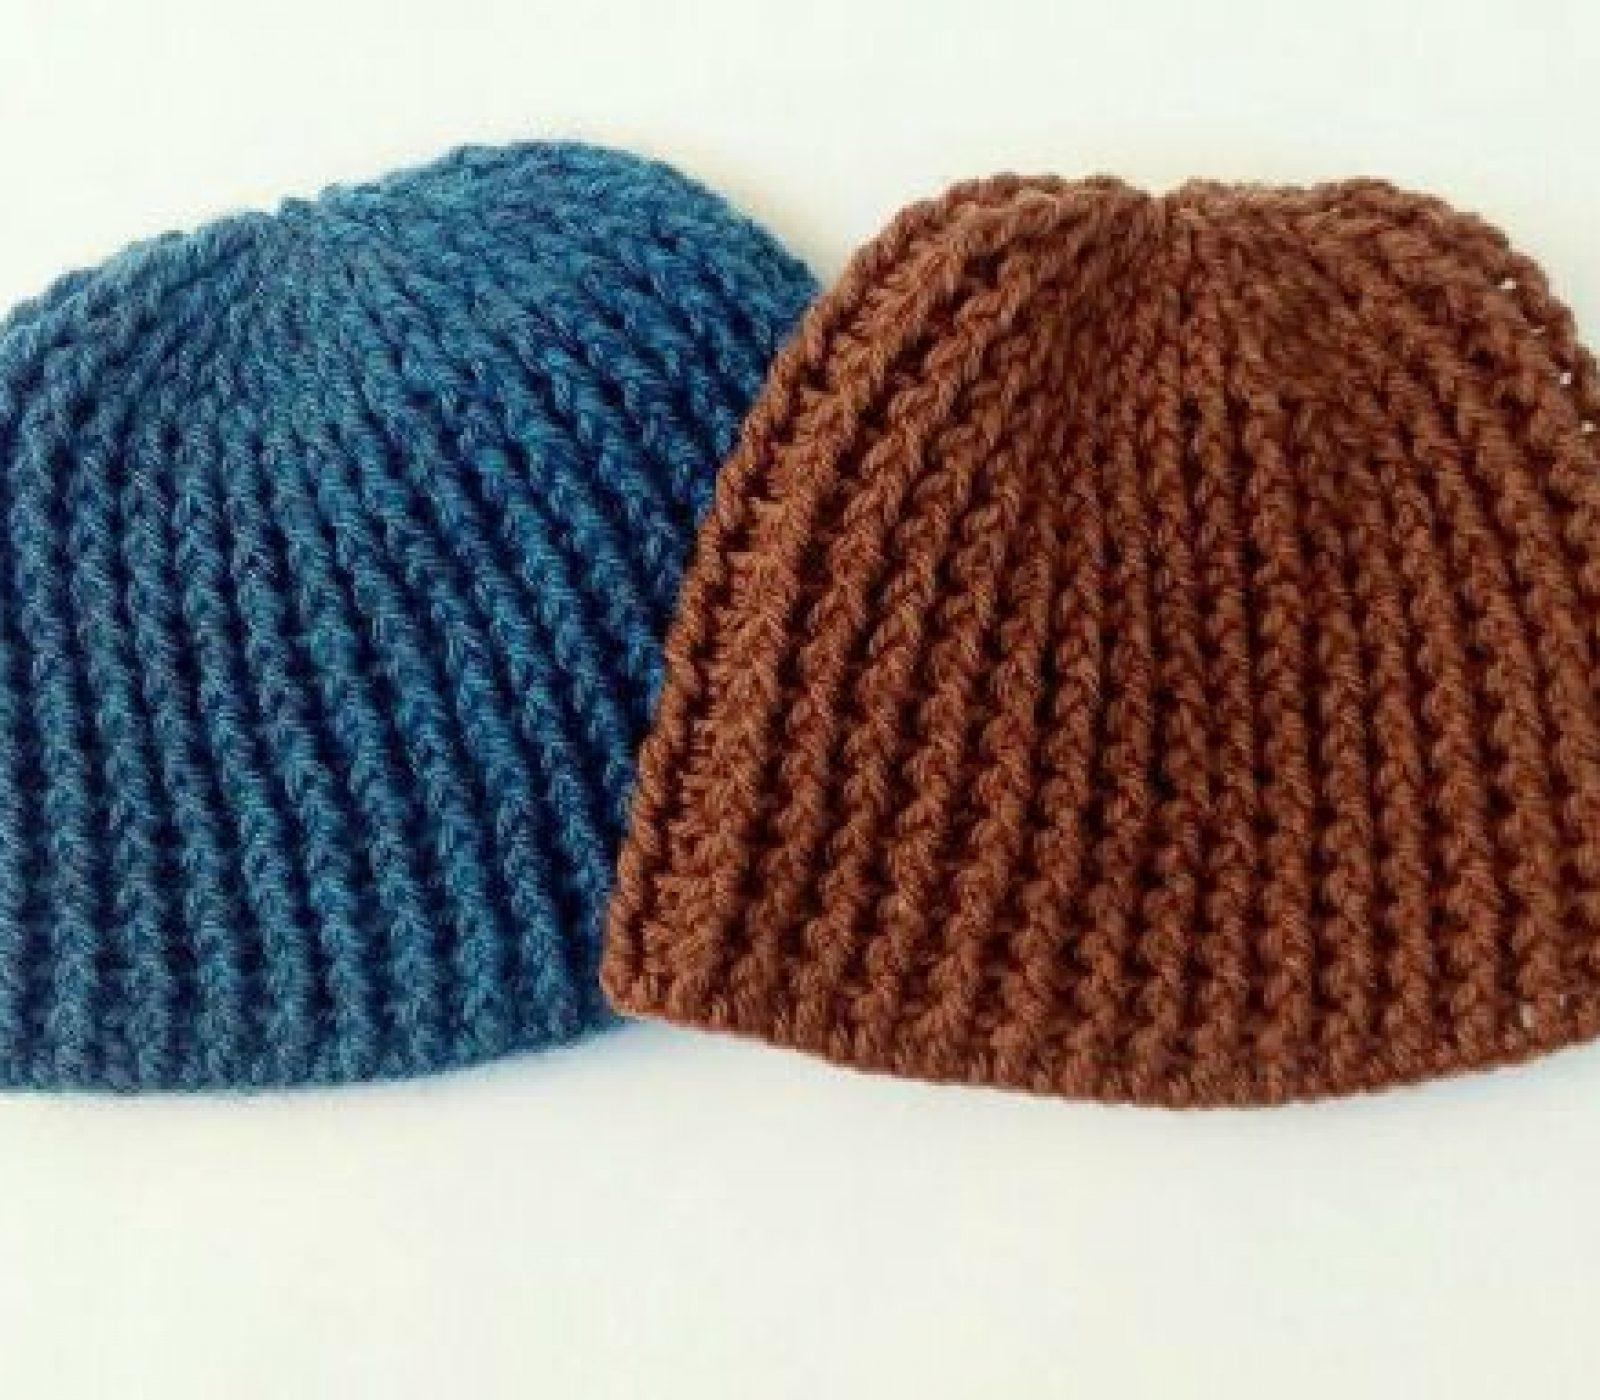 Crochet hat pattern free – Boys really like it!